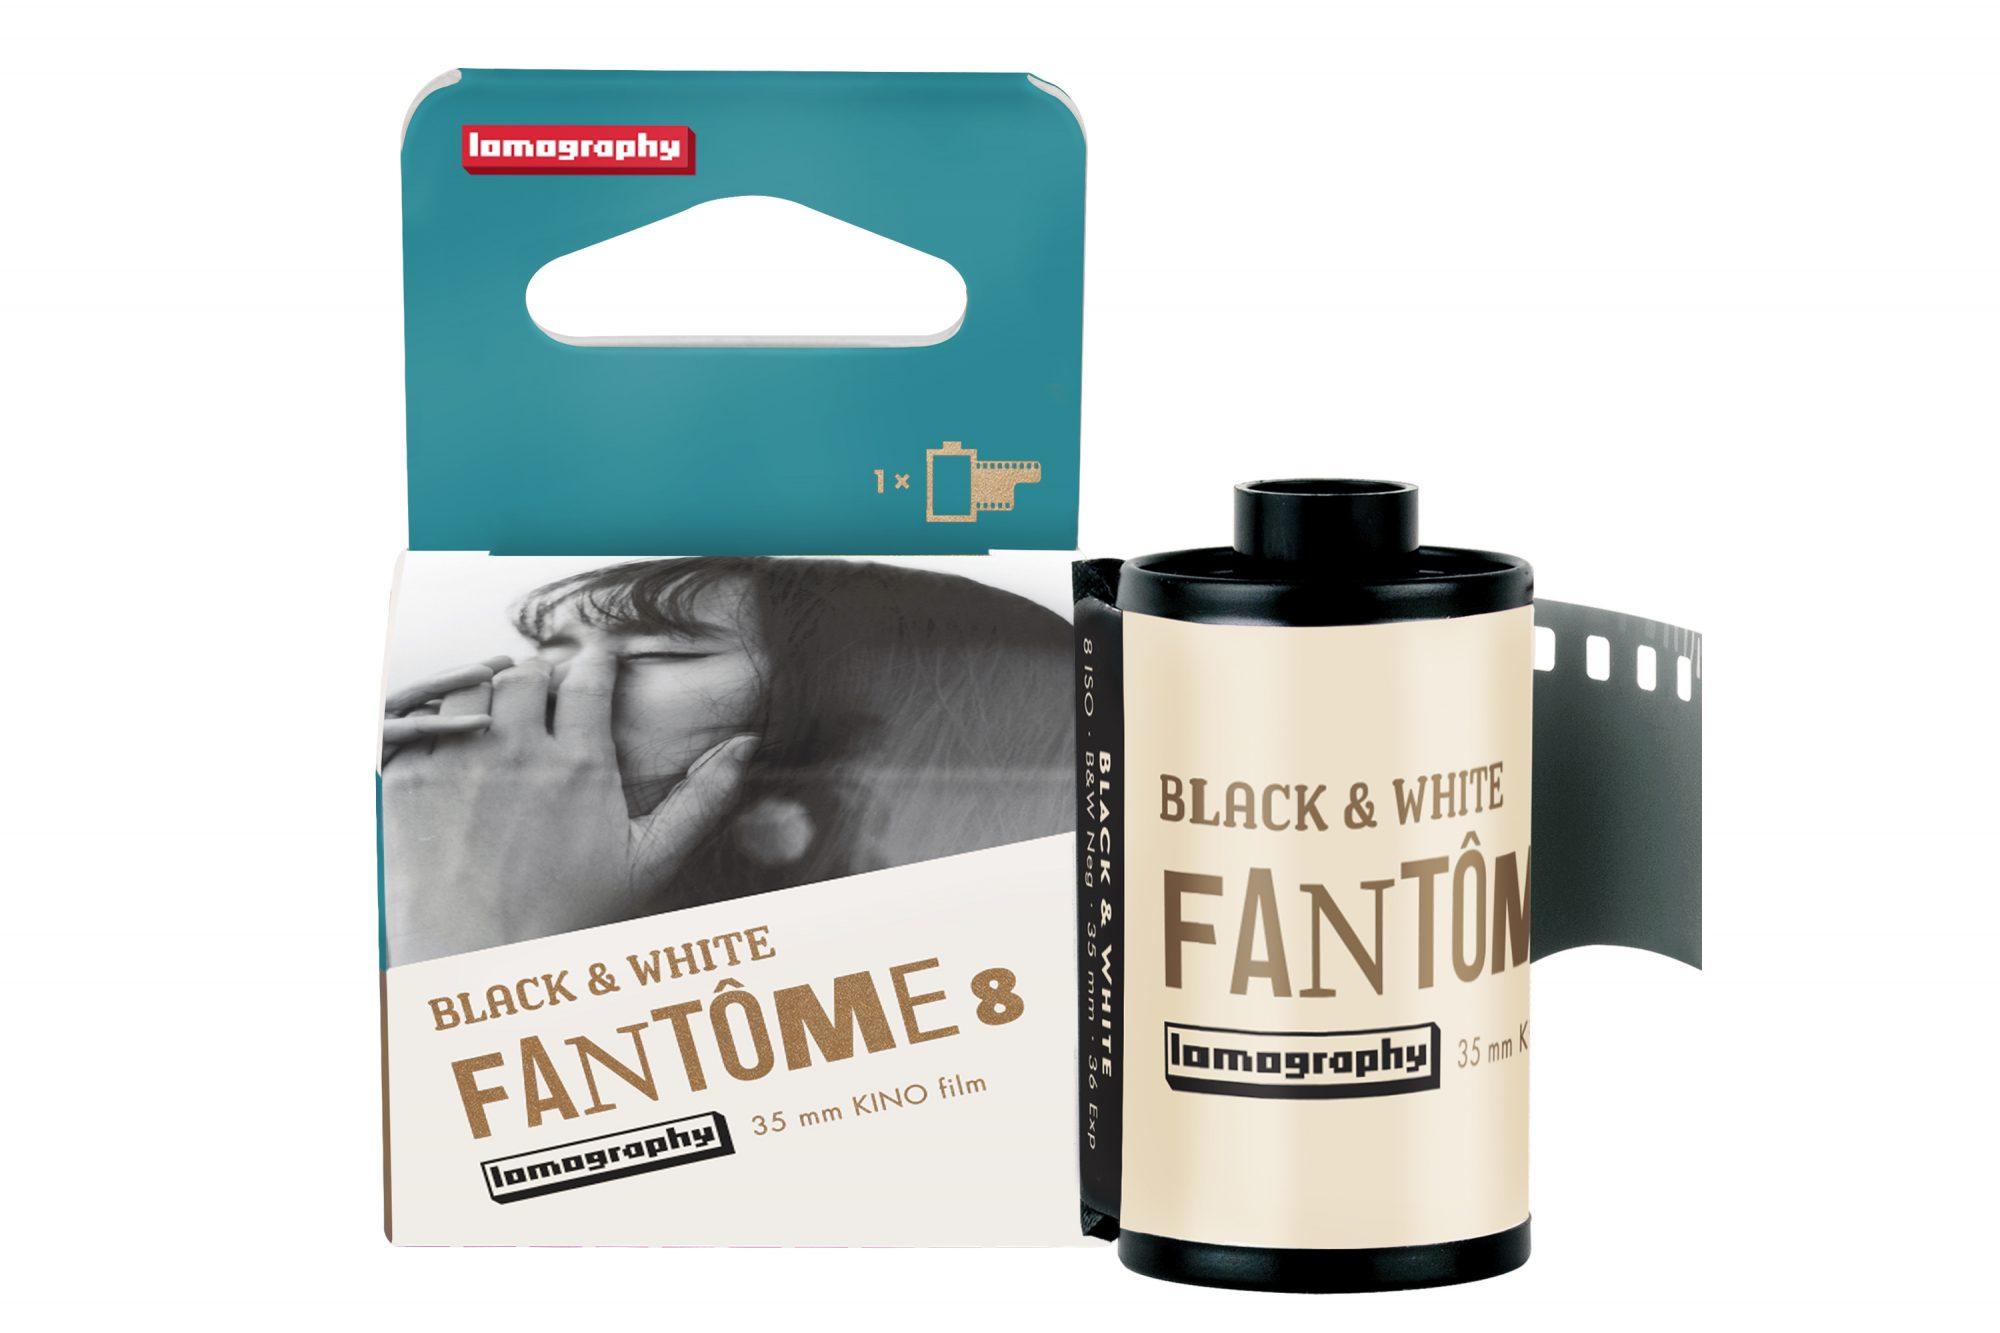 Lomography Fantome Kino (Pic: Lomography)